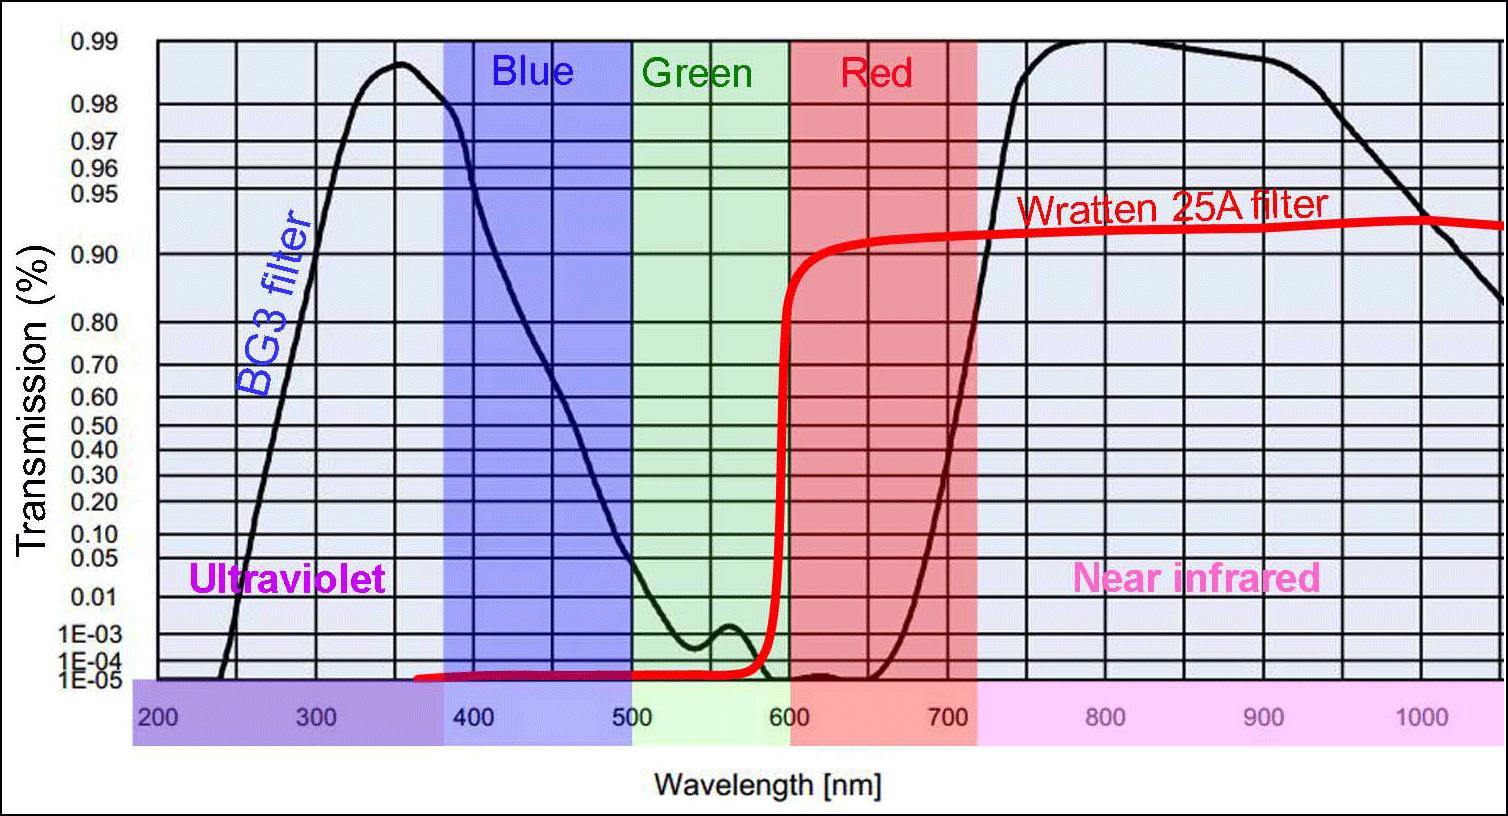 word image 1042 Разработка инновационных методических подходов по применению современных цифровых технологий дистанционного мониторинга и зондирования в пастбищном животноводстве